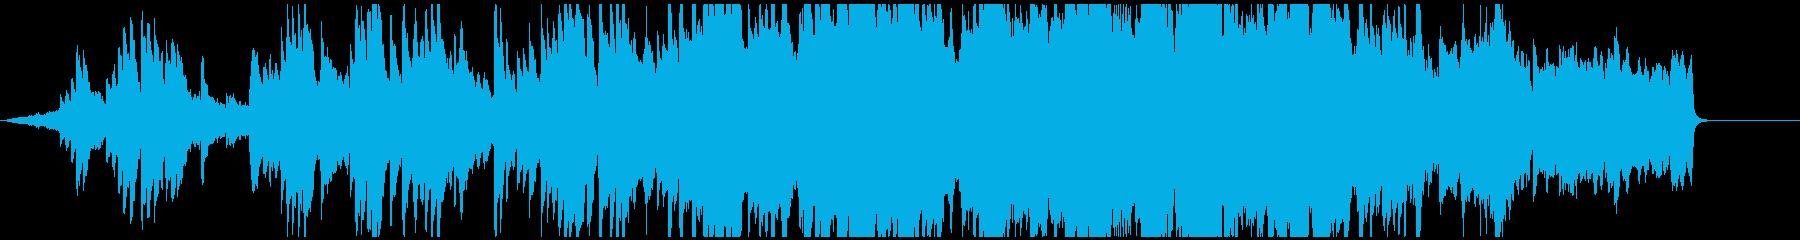 優しいピアノメロディのオーケストラ曲の再生済みの波形